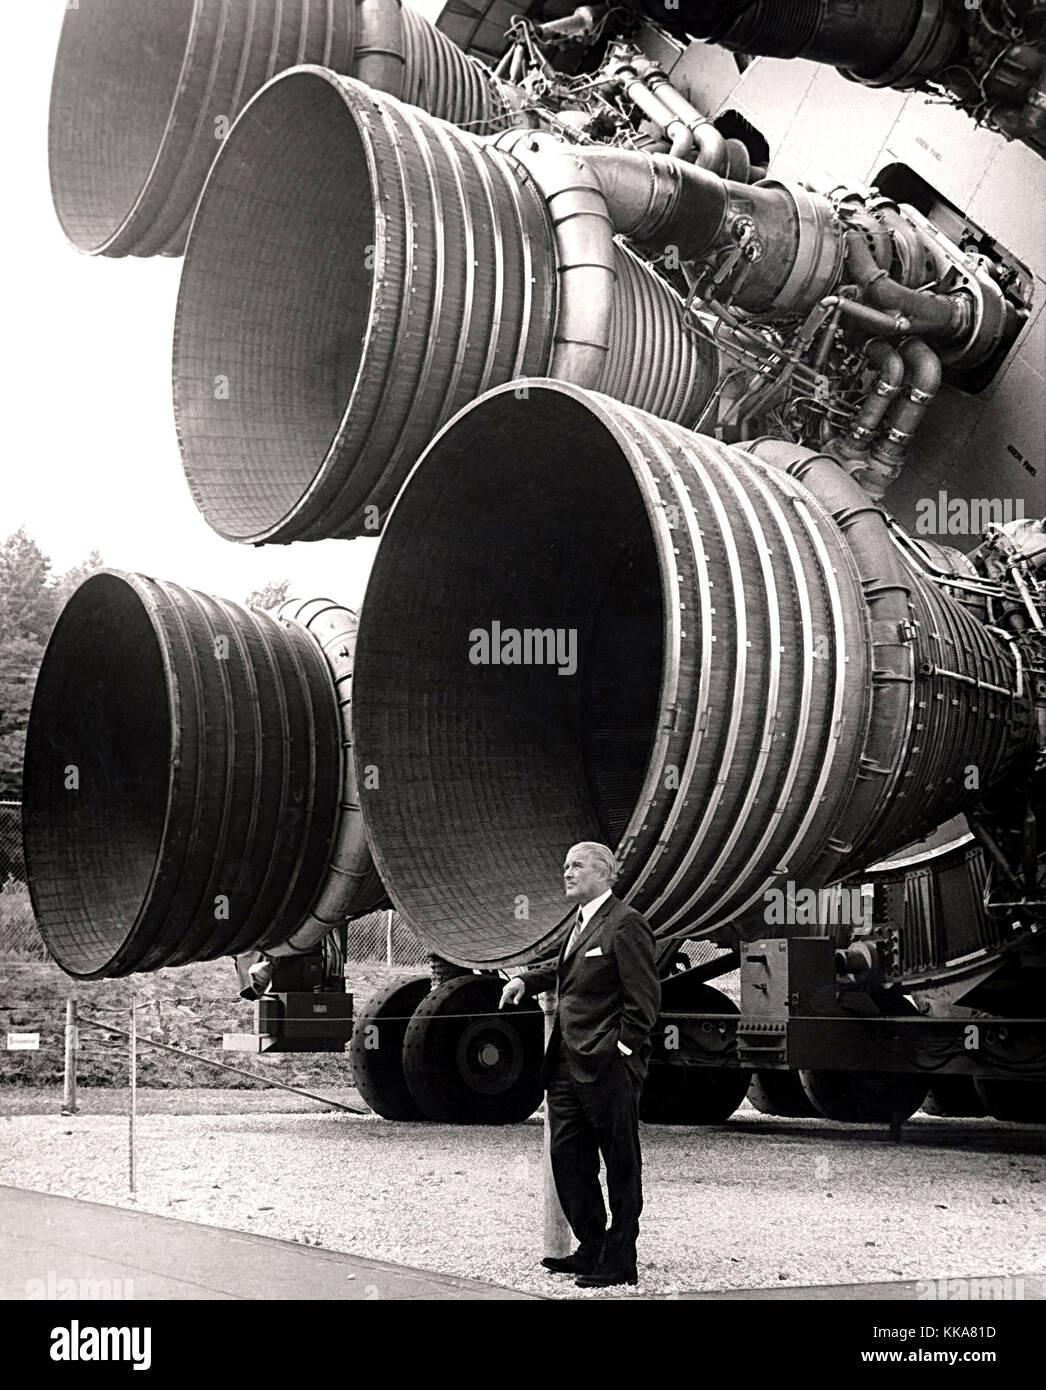 Von braun mit der f-1 Motoren der Saturn v Erste Stufe auf der US-space und rocket Center. dr.. von Braun wernher Stockfoto